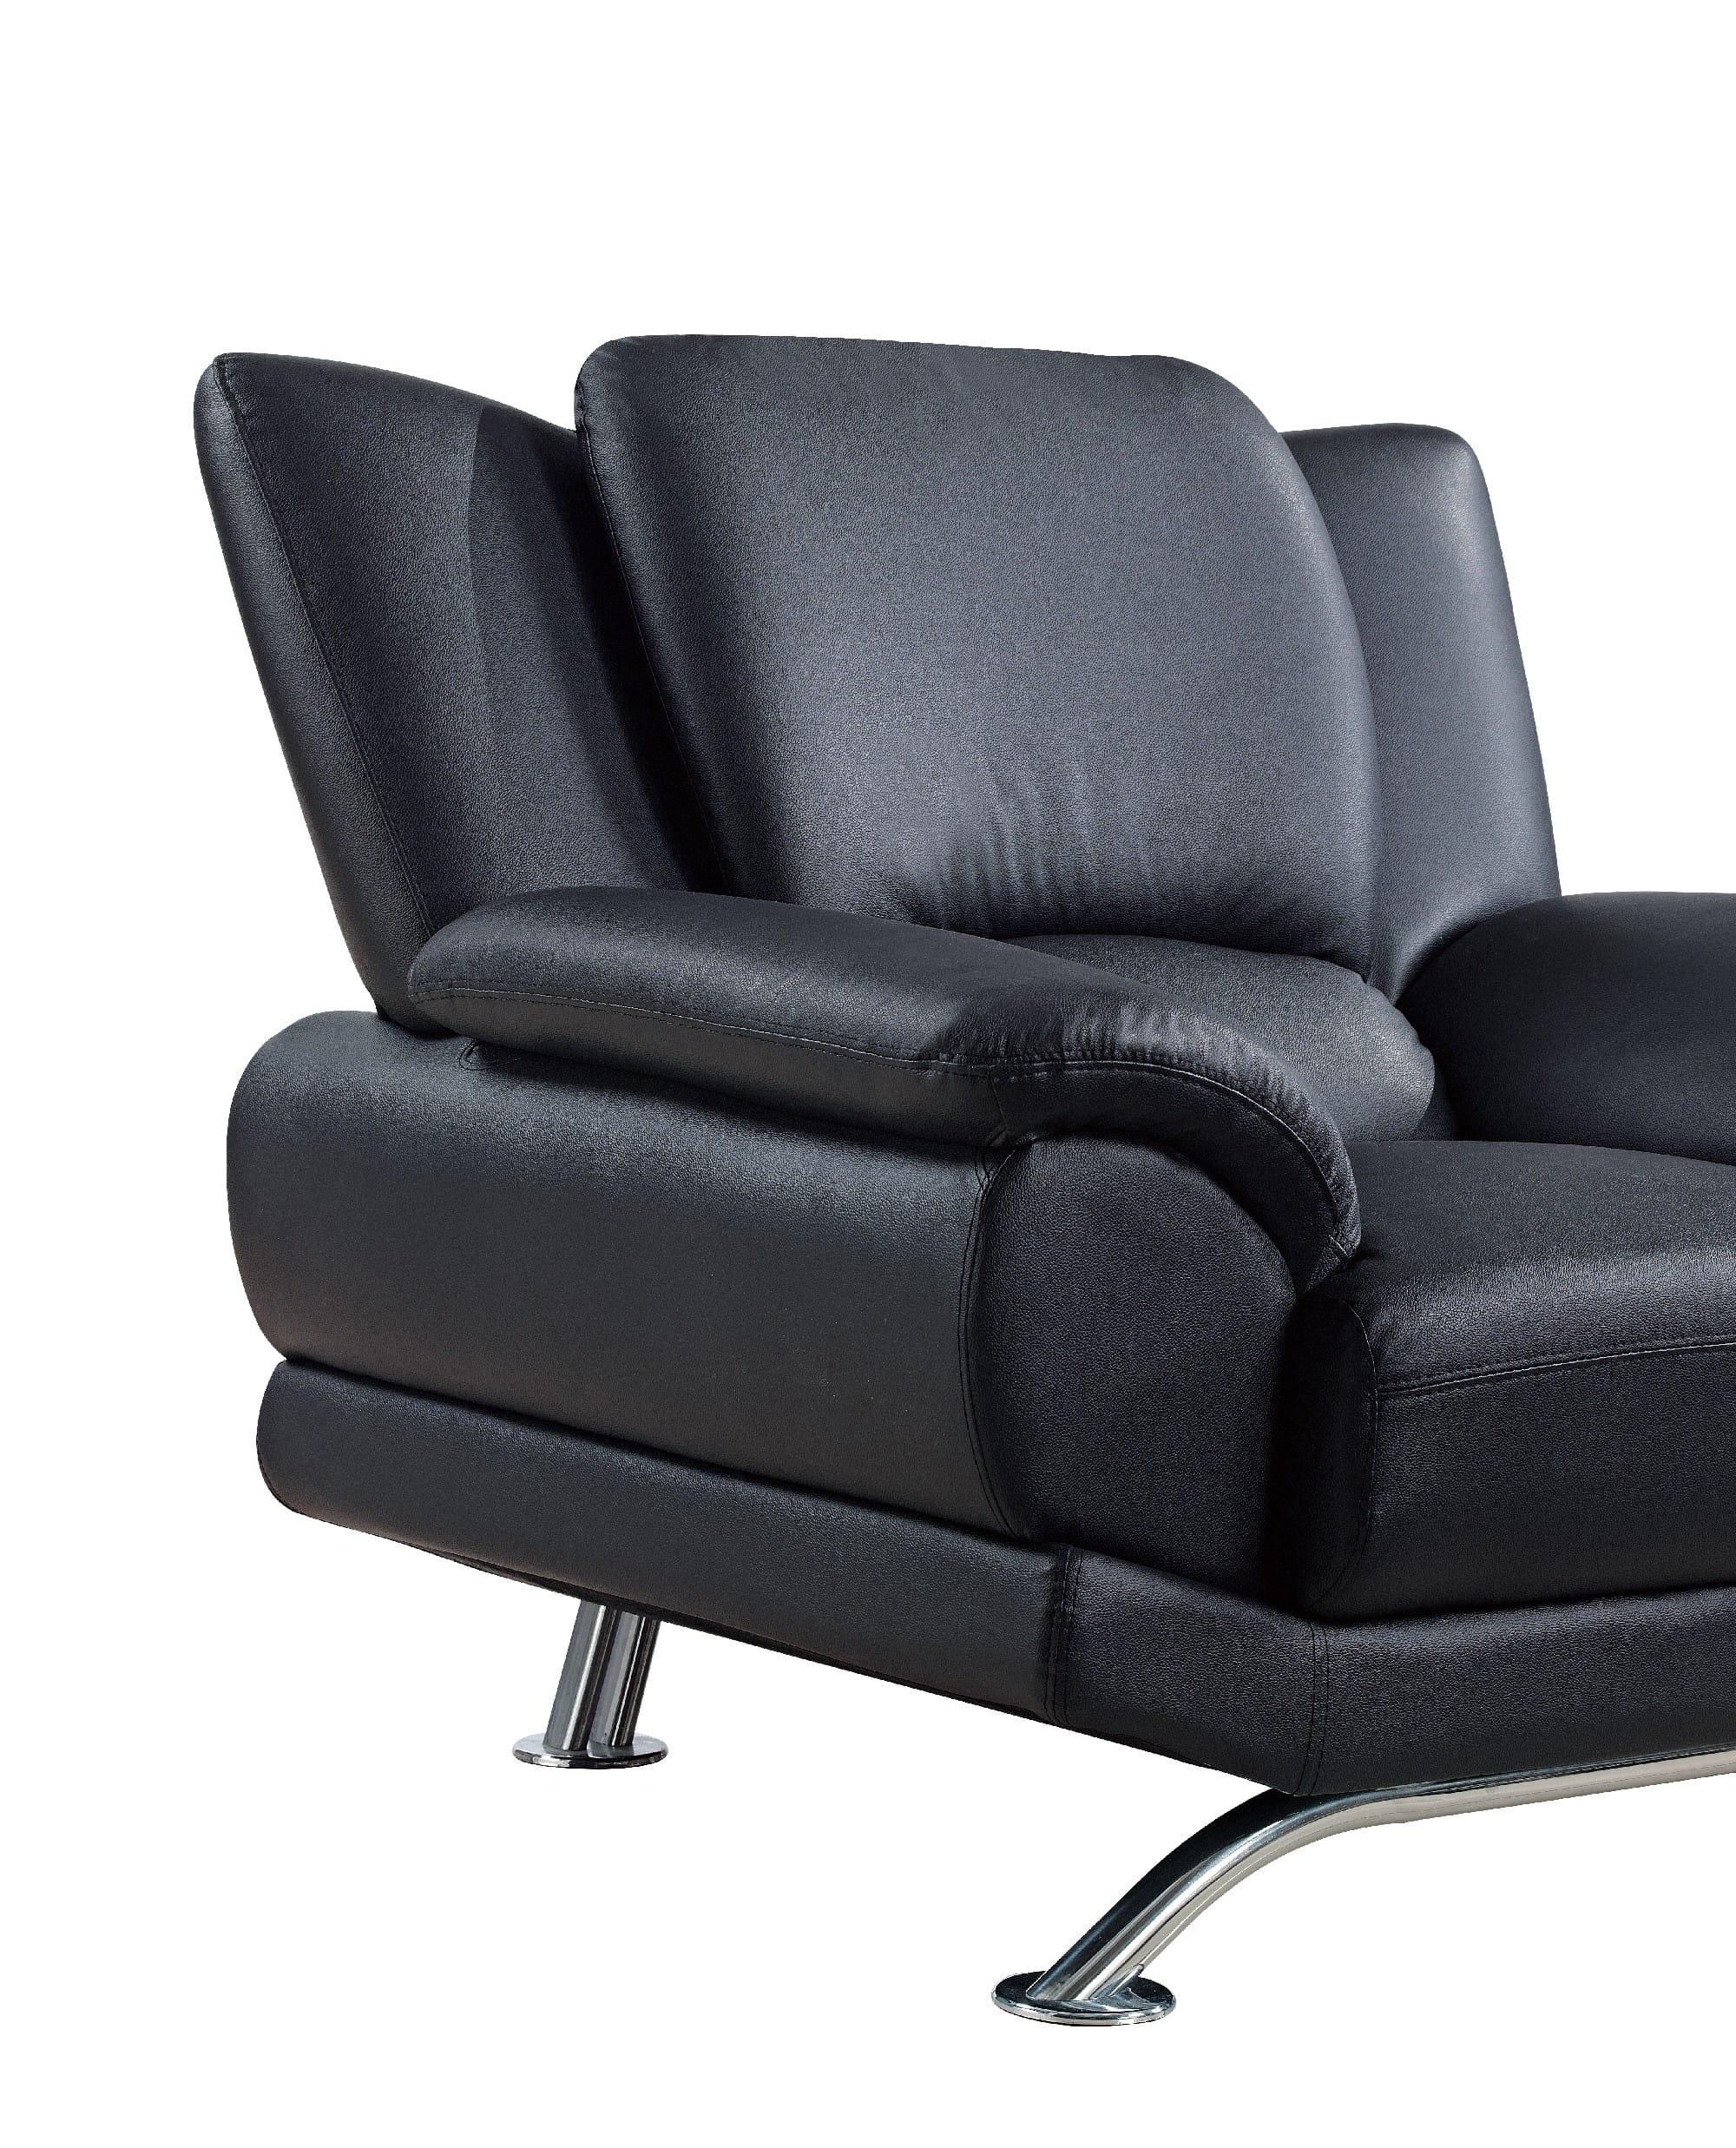 u9908 black bonded sofa by global furniture. Black Bedroom Furniture Sets. Home Design Ideas